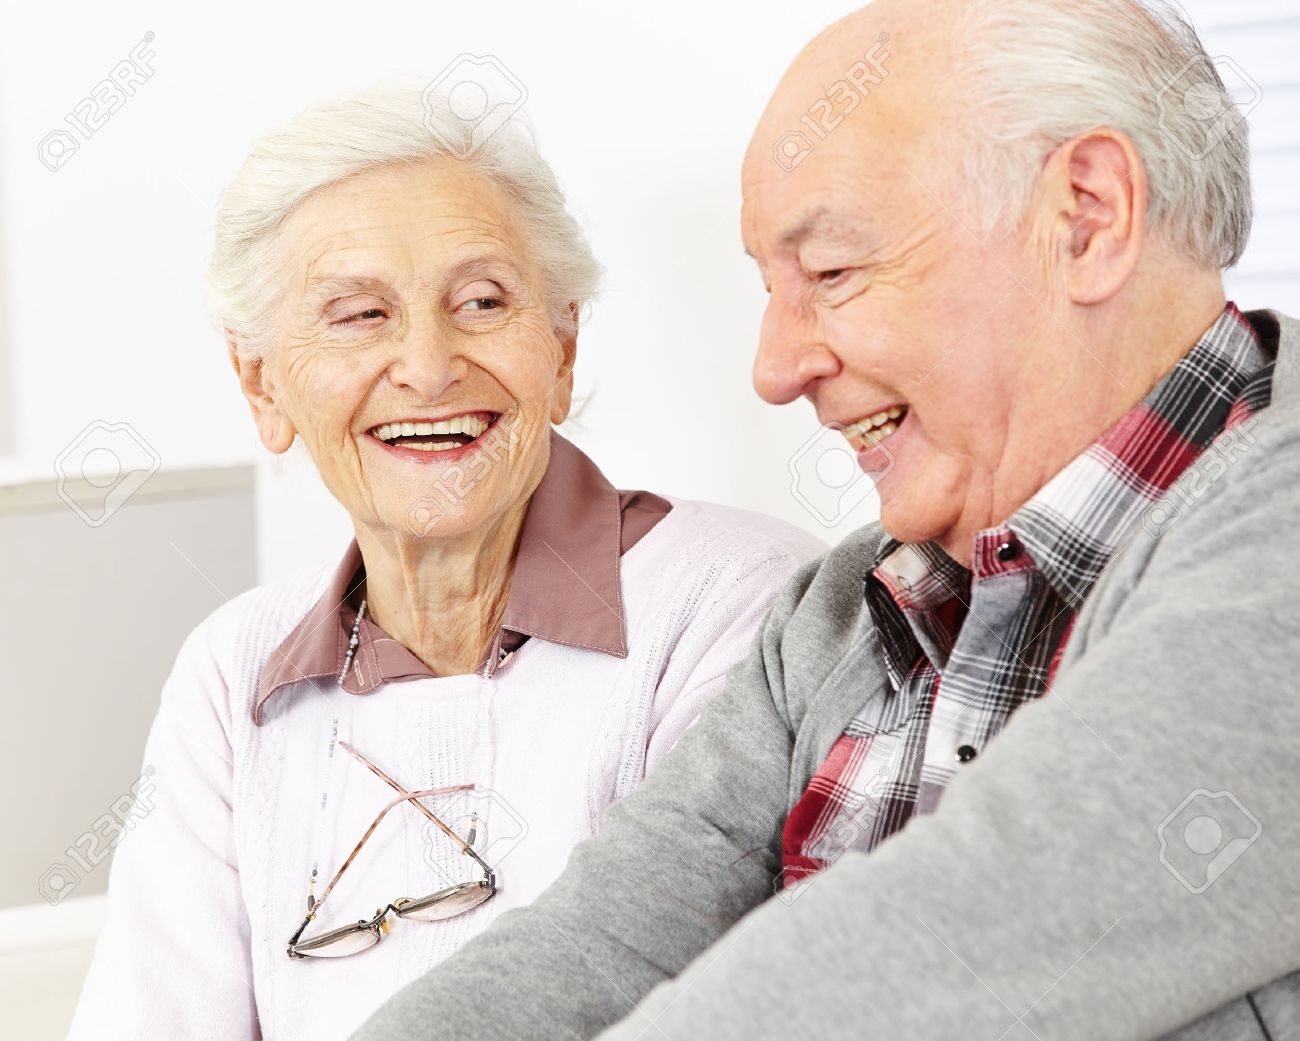 """Résultat de recherche d'images pour """"couple de personnes agées"""""""